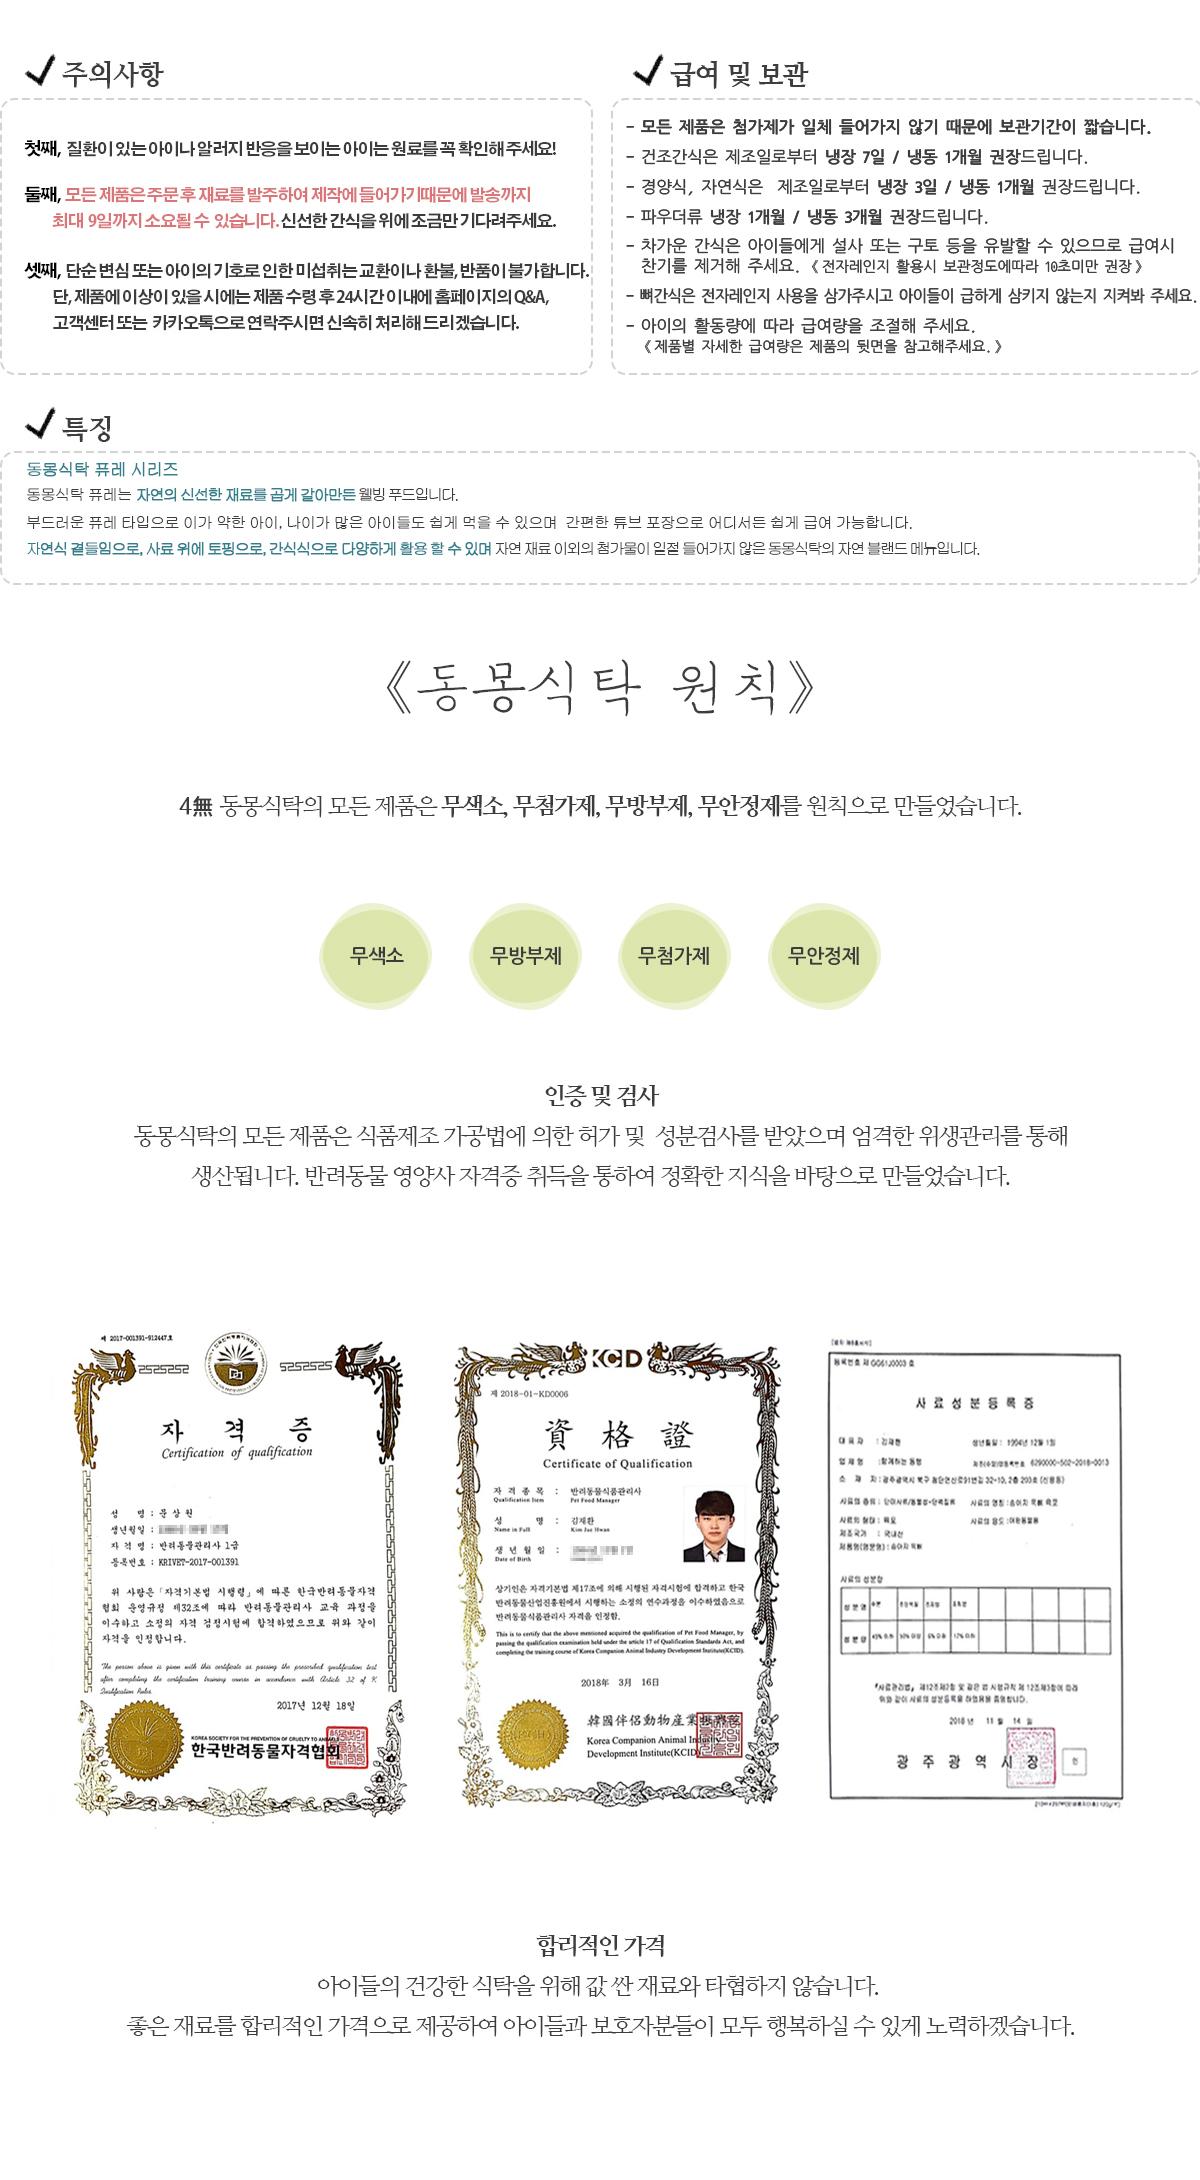 강아지 수제간식 캥거루 꼬리뼈 4p - 동몽식탁, 7,000원, 간식/영양제, 수제간식